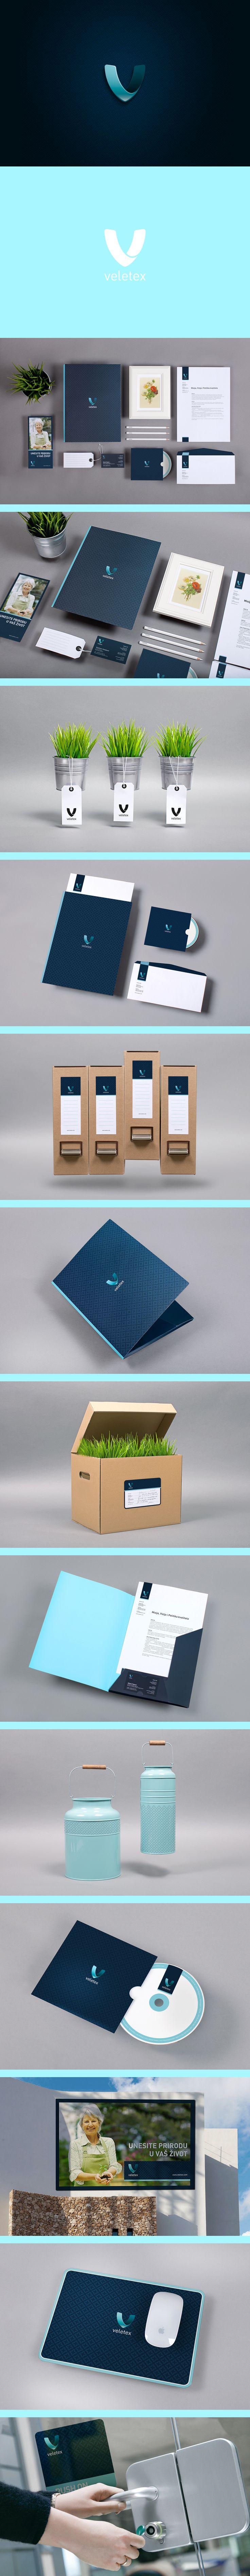 veletex | corporate branding